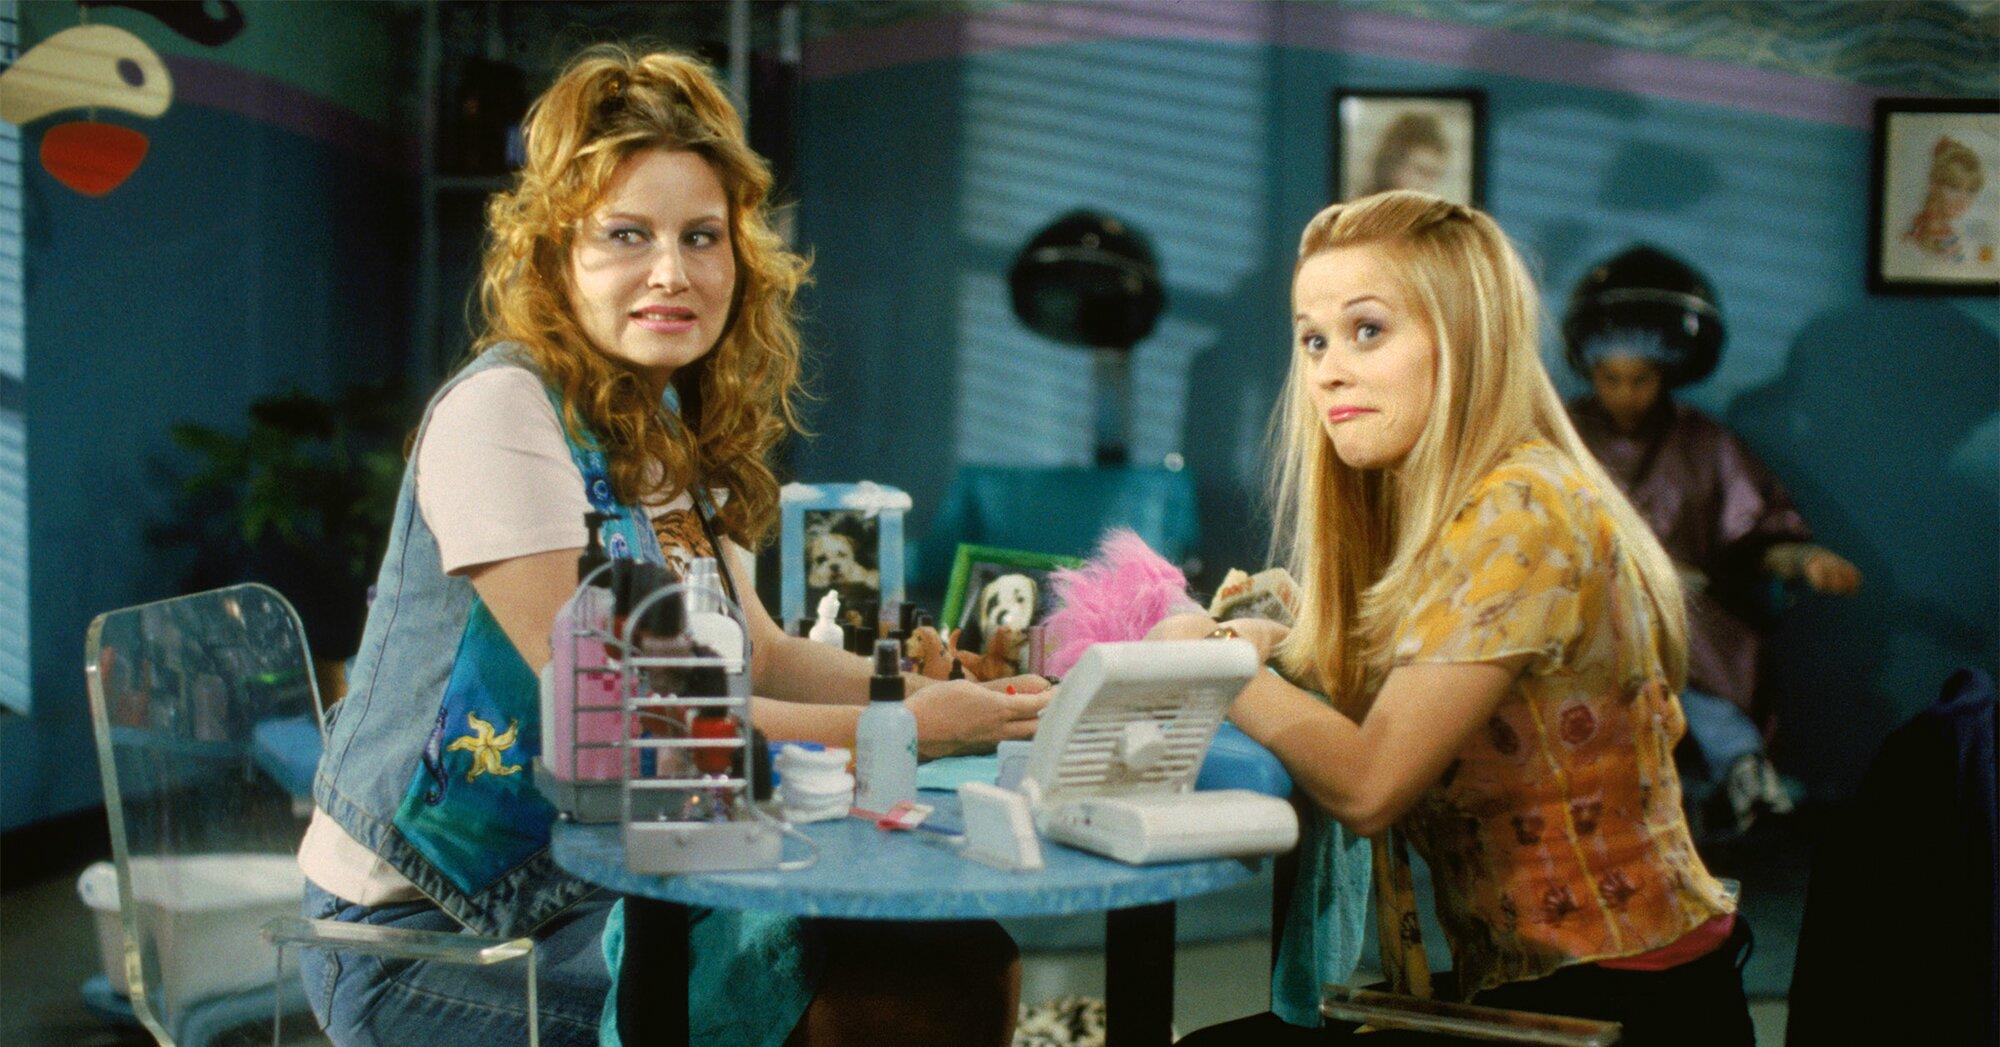 Watch the Legally Blonde cast reunion | EW.com